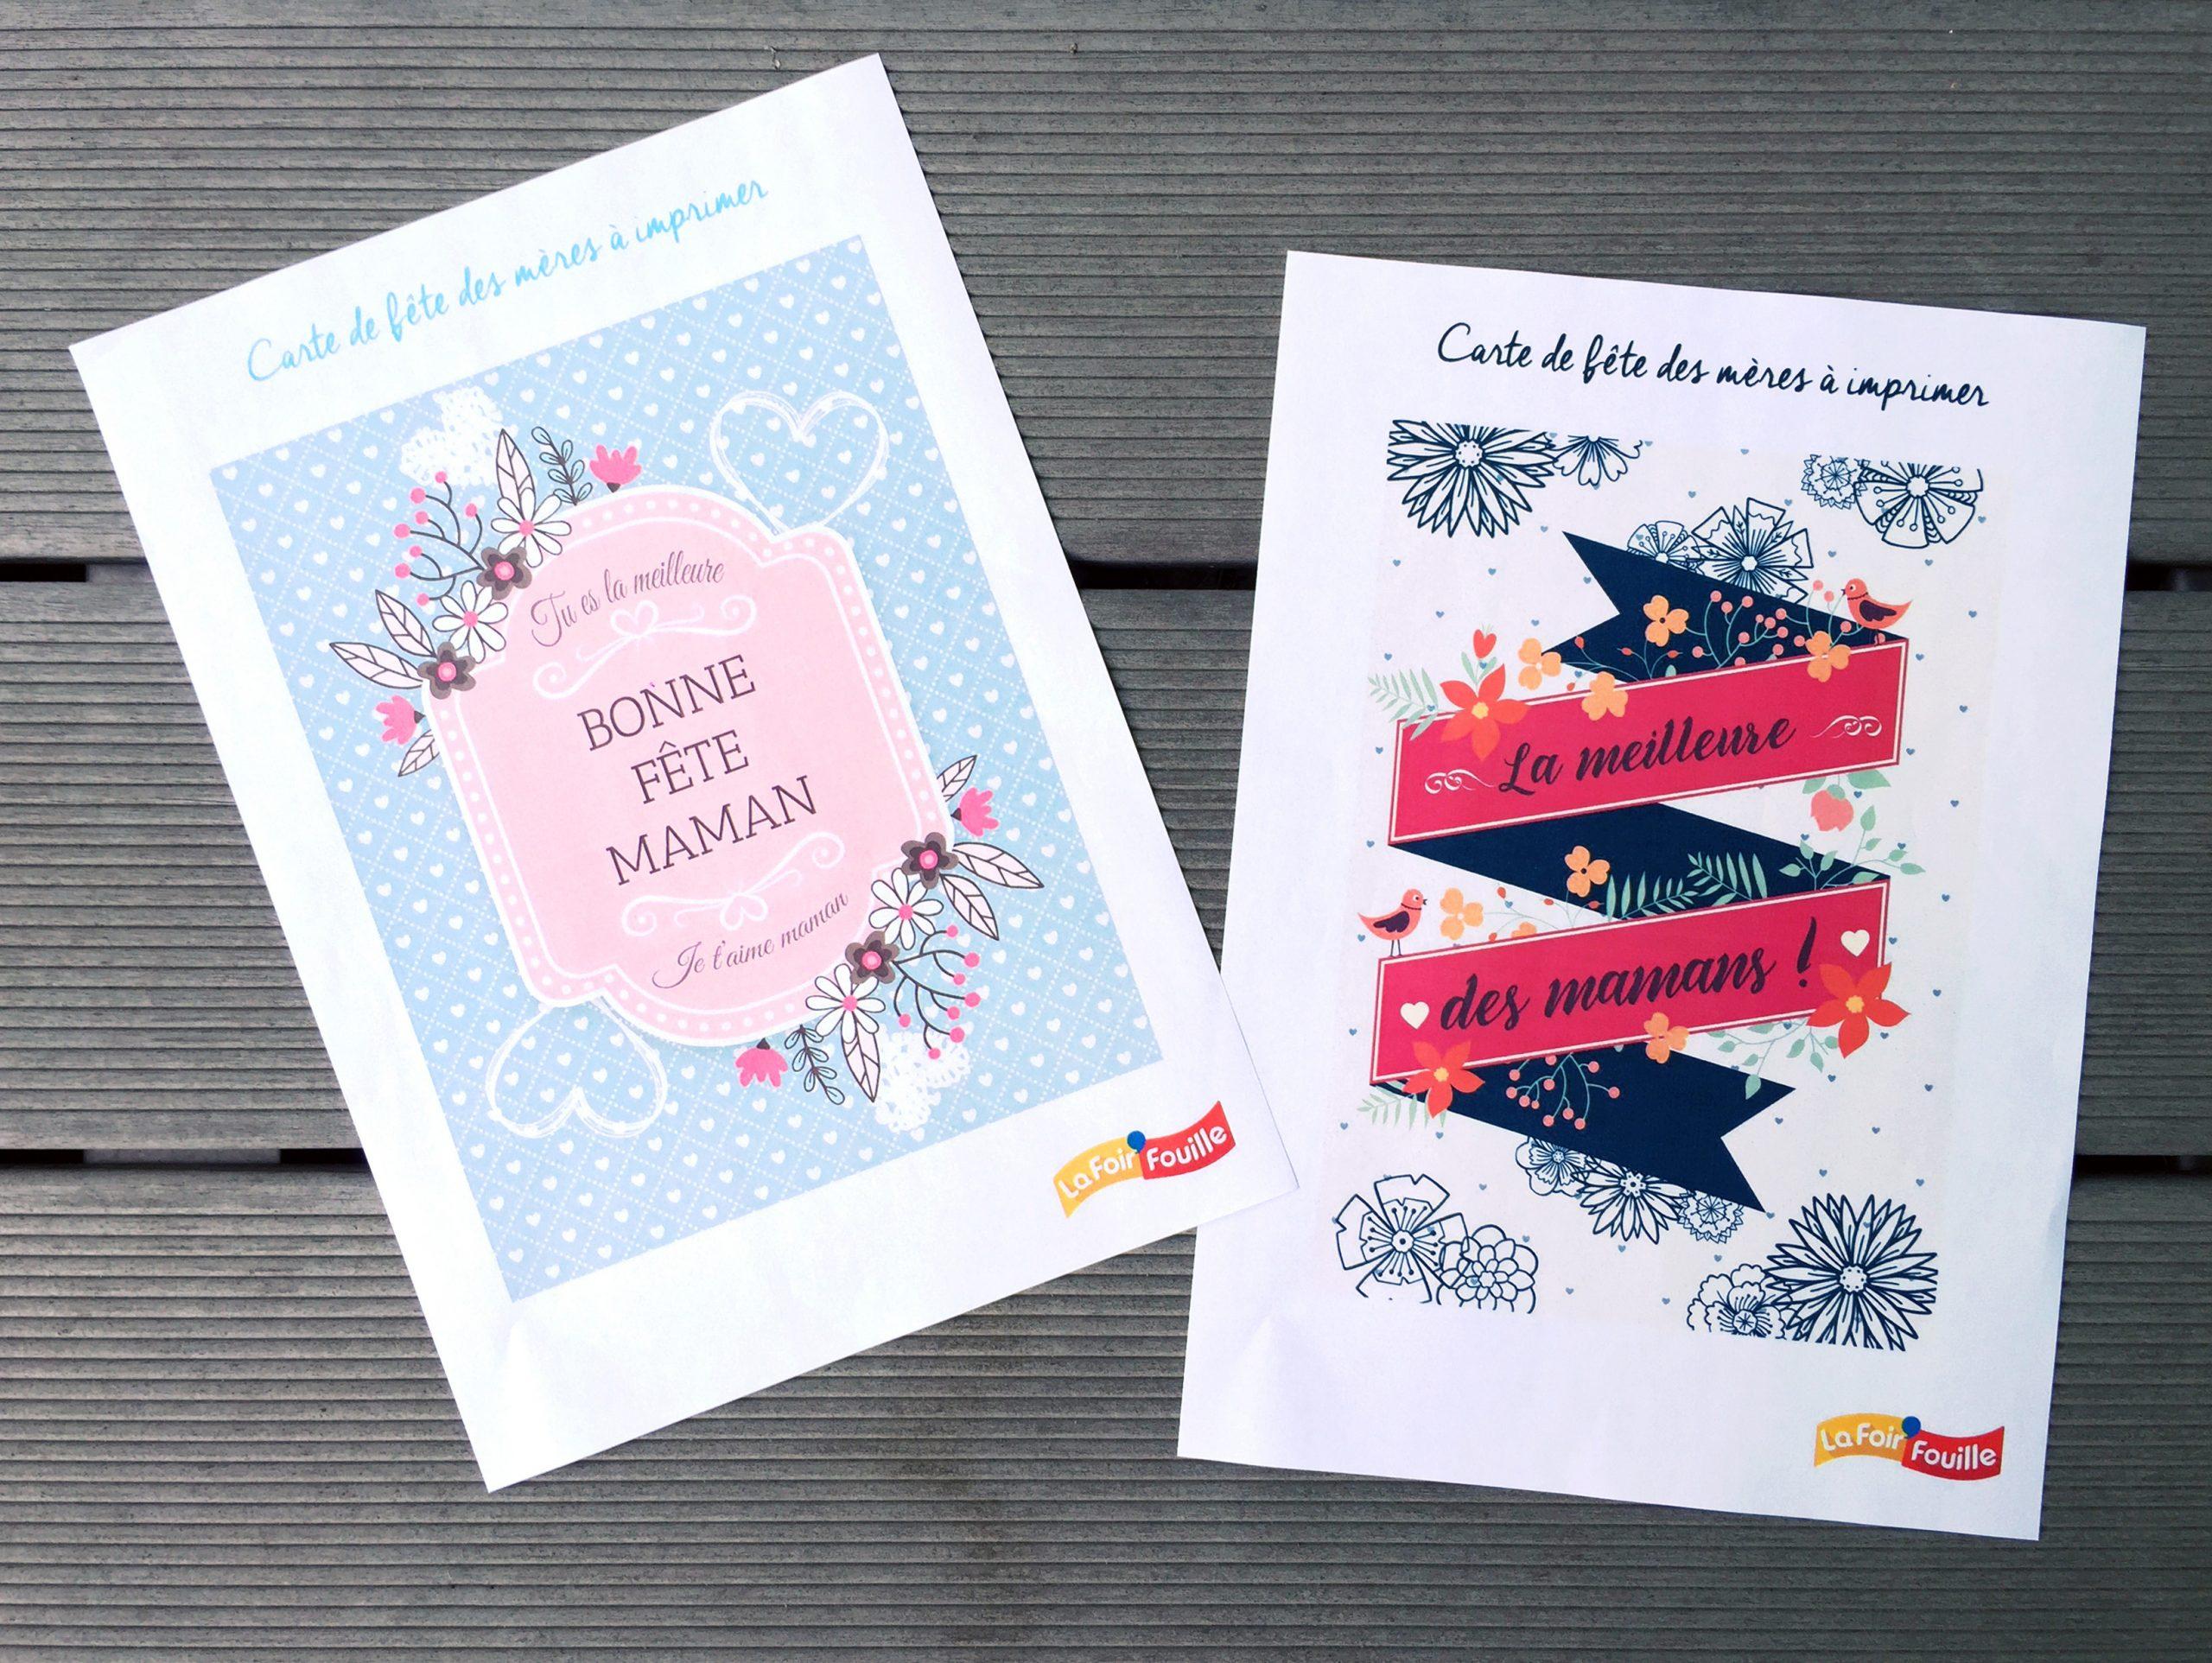 Diy : 3 Cartes De Fête Des Mères À Imprimer | Blog La destiné Carte Fête Des Mères À Imprimer